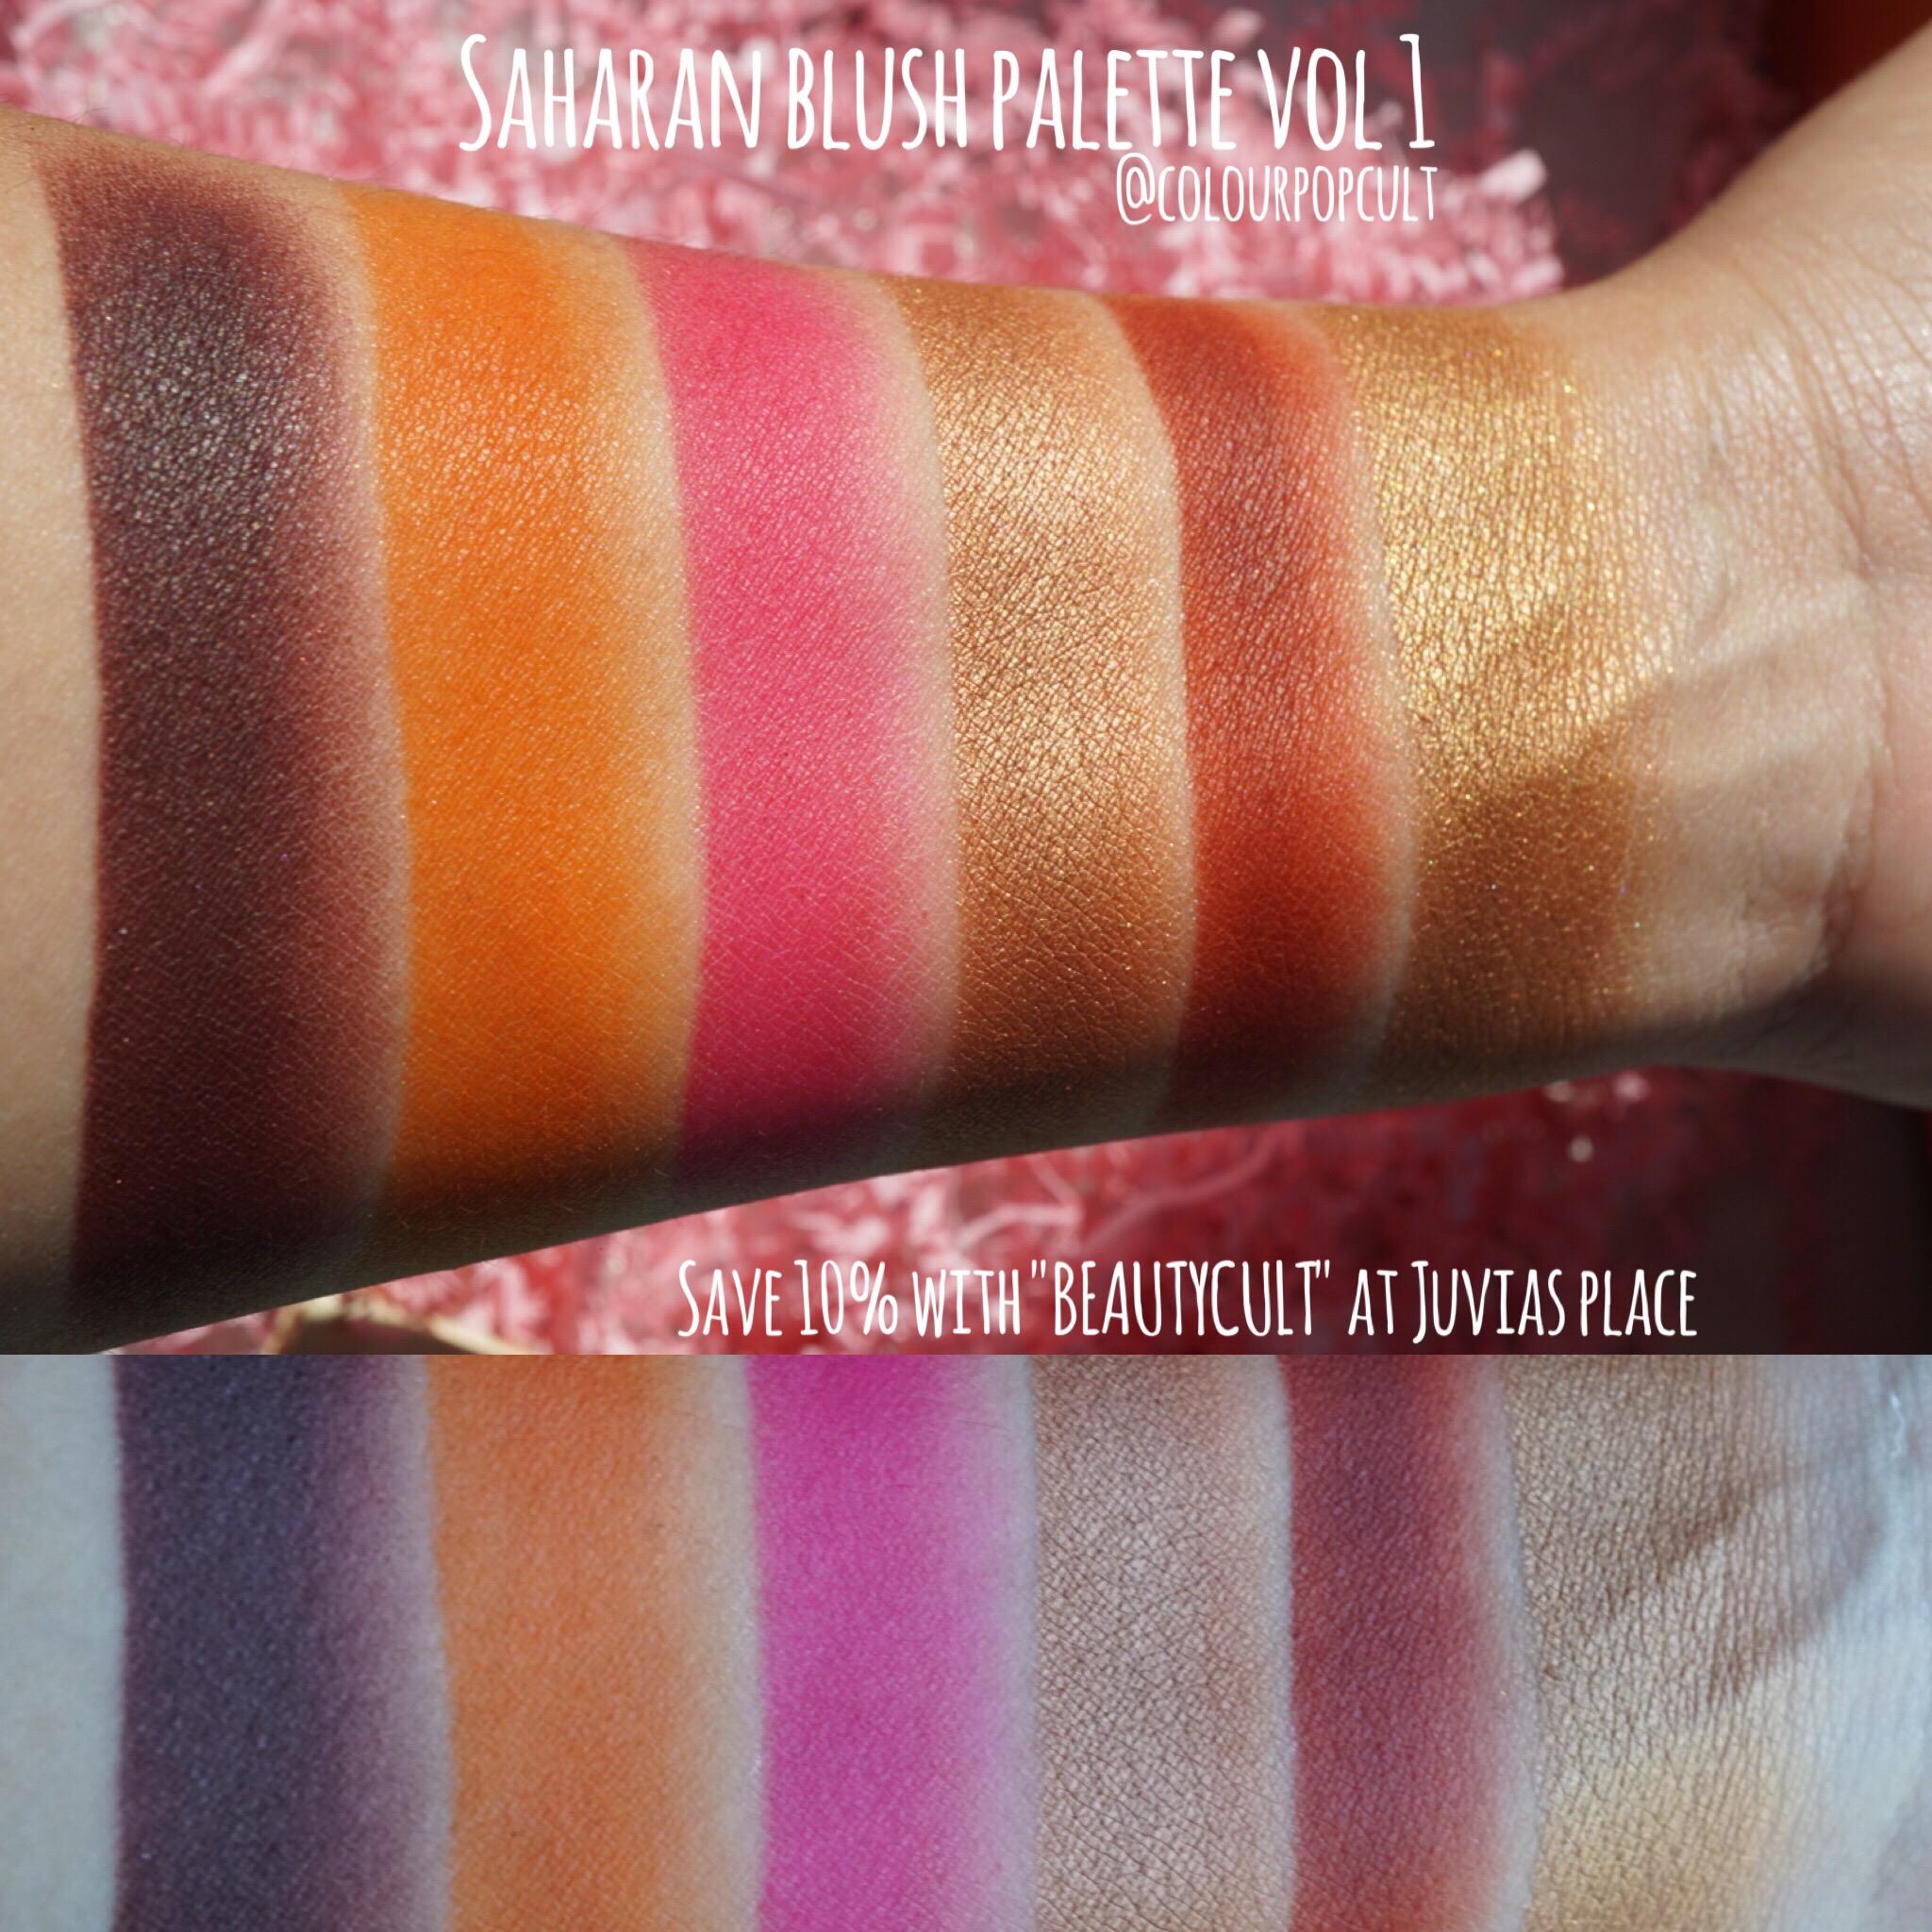 The Saharan Blush Vol. I Blush Palette by Juvia's Place #11